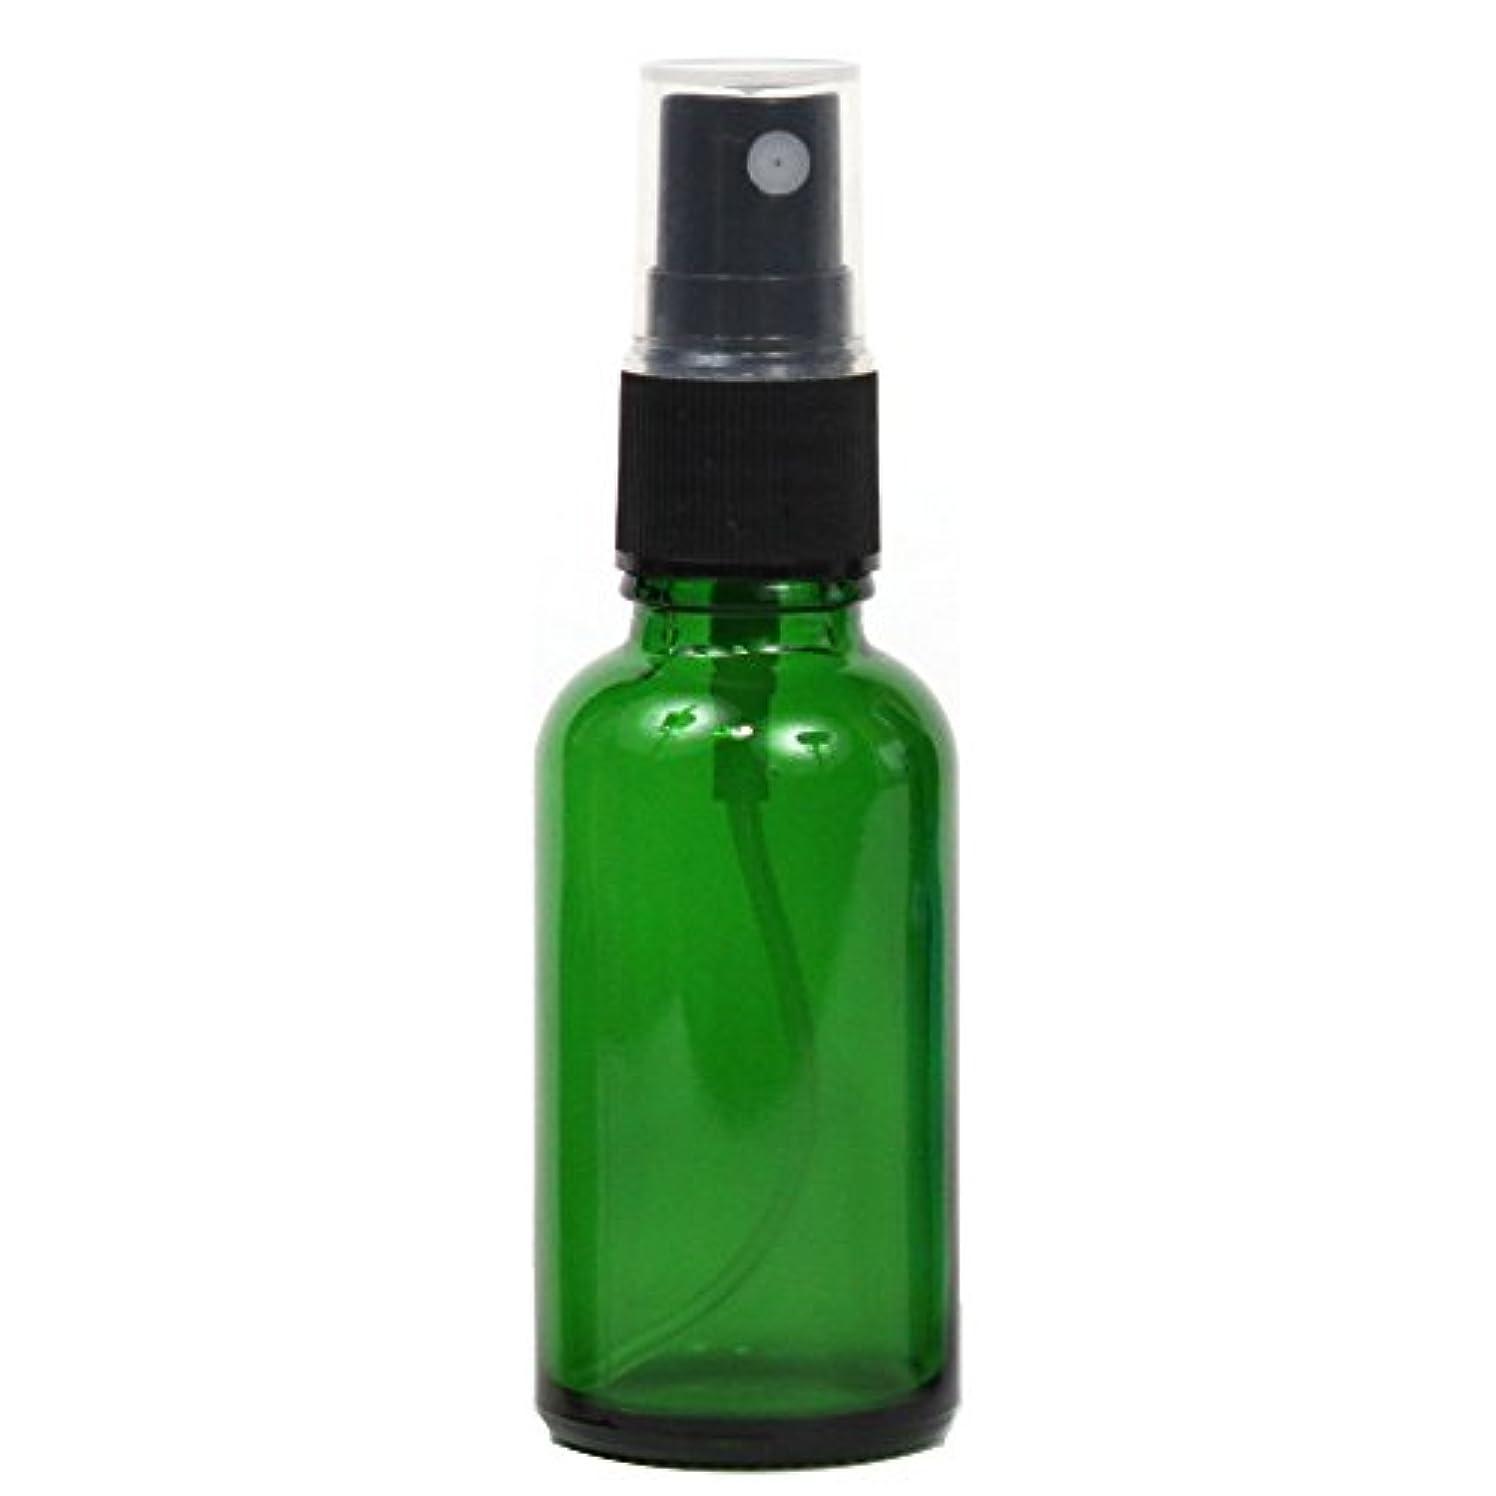 有名強制的コンソールスプレーボトル 30mL ガラス遮光性グリーン 瓶 空容器